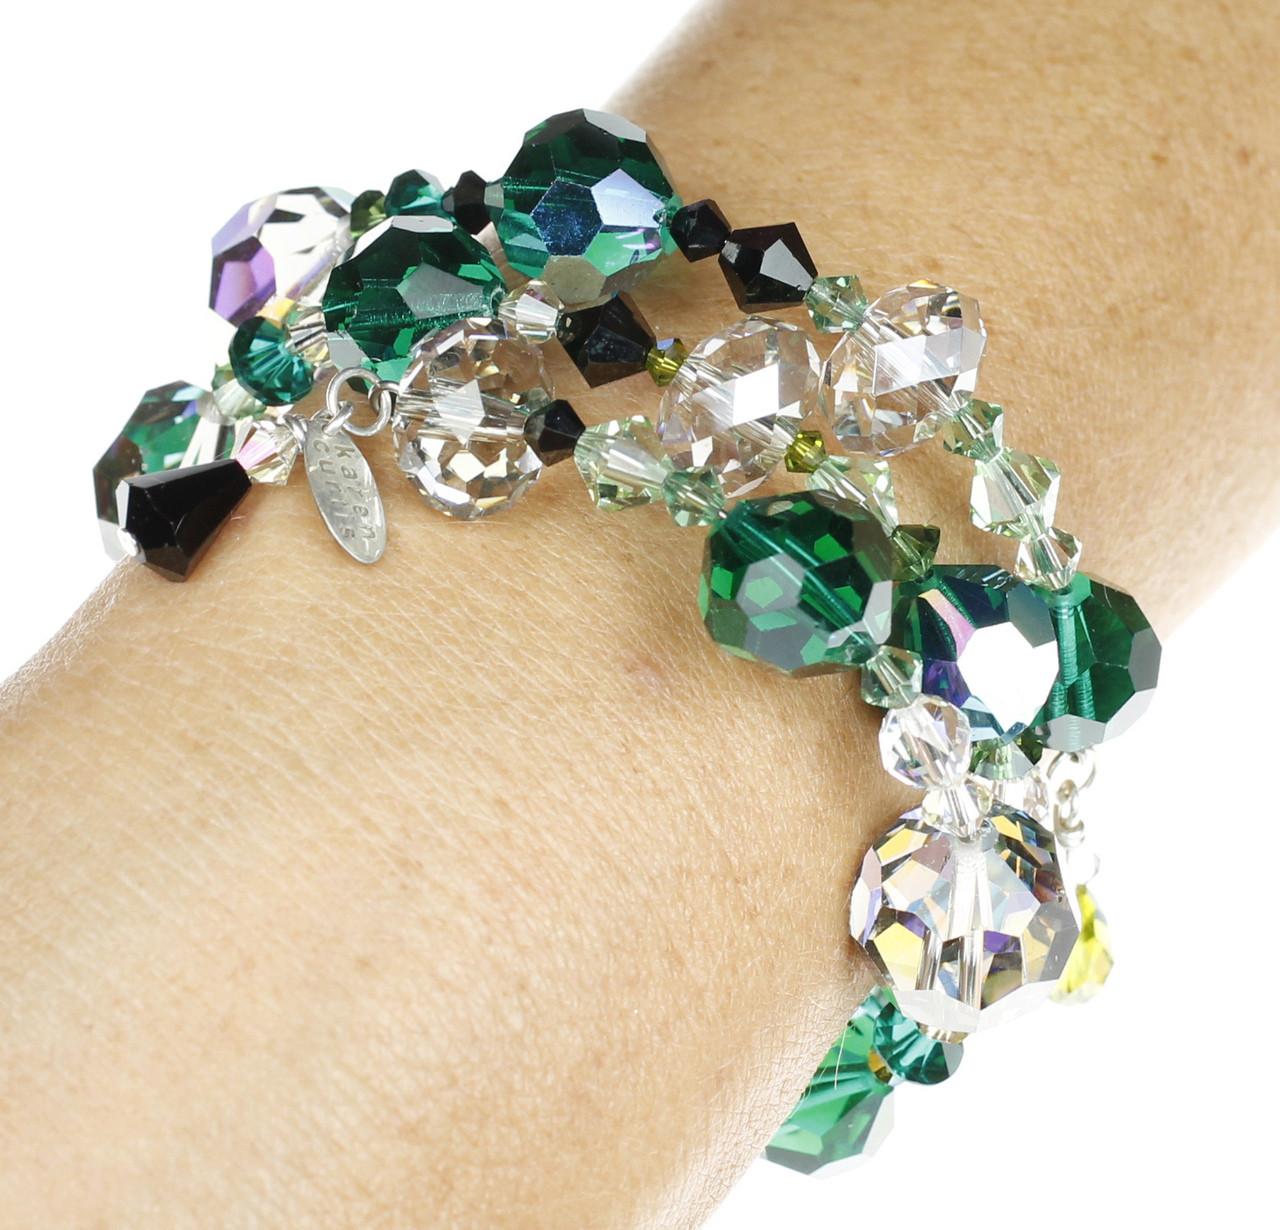 Vintage Swarovski and Modern Swarovski Crystal Green & Black Bangle Coil  Bracelet finished with Sterling Silver